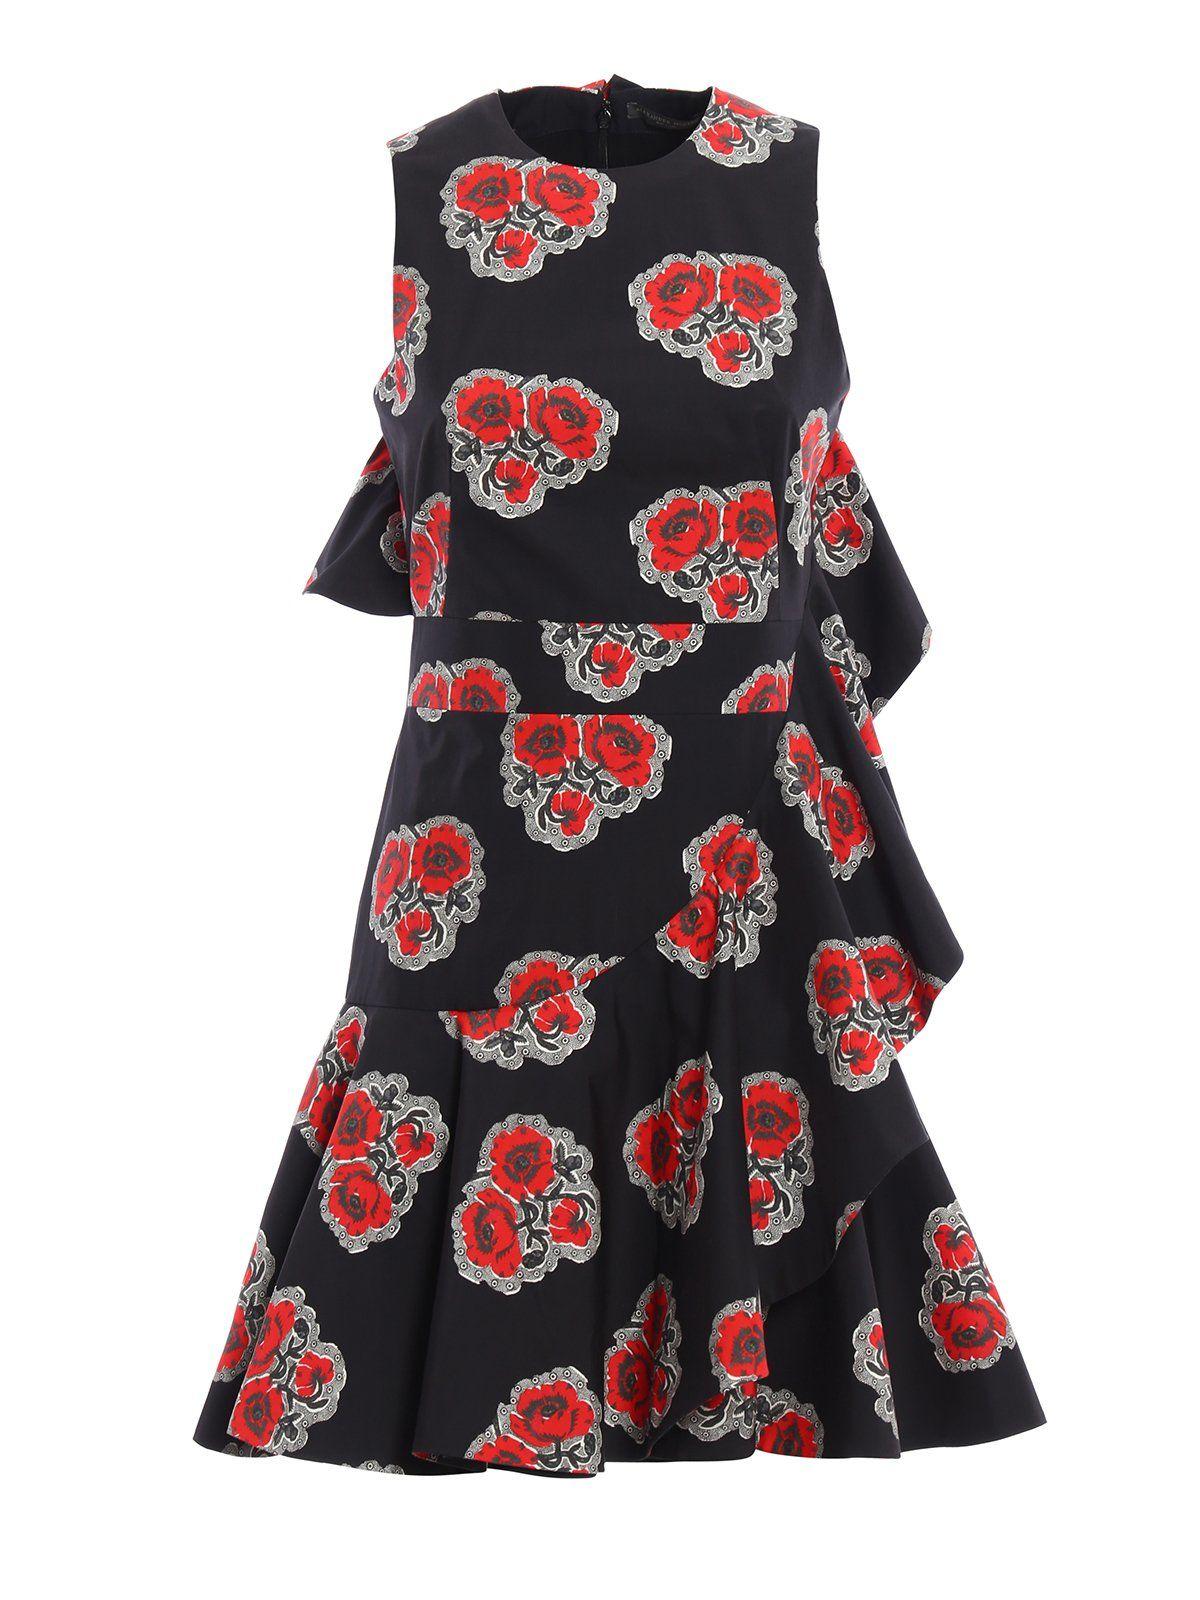 Ruff Print Mini Dress